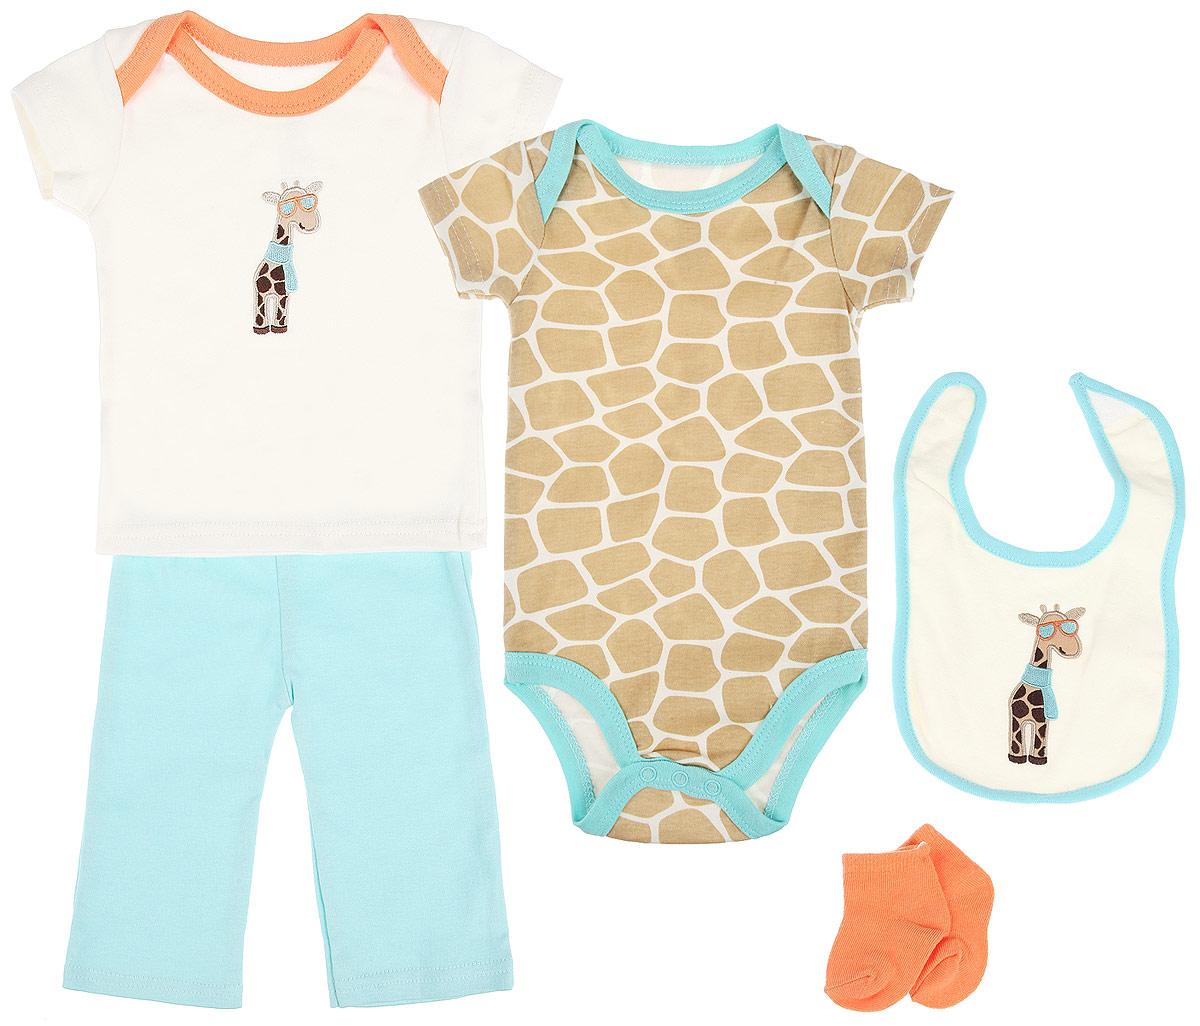 Подарочный комплект для новорожденного Жираф, 5 предметов. 5810358103Комплект для новорожденного Hudson Baby Жираф - это замечательный подарок, который прекрасно подойдет для первых дней жизни малыша. Комплект состоит из боди, футболки, штанишек, нагрудника и носочков. Одежда выполнена из натурального хлопка, не сковывает движения малыша и позволяет коже дышать, не раздражает даже самую нежную и чувствительную кожу ребенка, обеспечивая ему наибольший комфорт. Носочки изготовлены из хлопка с добавлением нейлона и спандекса, нагрудник - из хлопка и полиэстера. Удобное боди с круглым вырезом горловины и короткими рукавами имеет специальные запахи на плечах и кнопки на ластовице, что значительно облегчает процесс переодевания ребенка и смену подгузника. Оформлено изделие оригинальным принтом. Футболка с короткими рукавами и круглым вырезом горловины также имеет запахи на плечах. Спереди модель дополнена нашивкой с изображением забавного жирафа. Штанишки на талии имеют мягкую резинку, не сдавливают животик малыша и не...